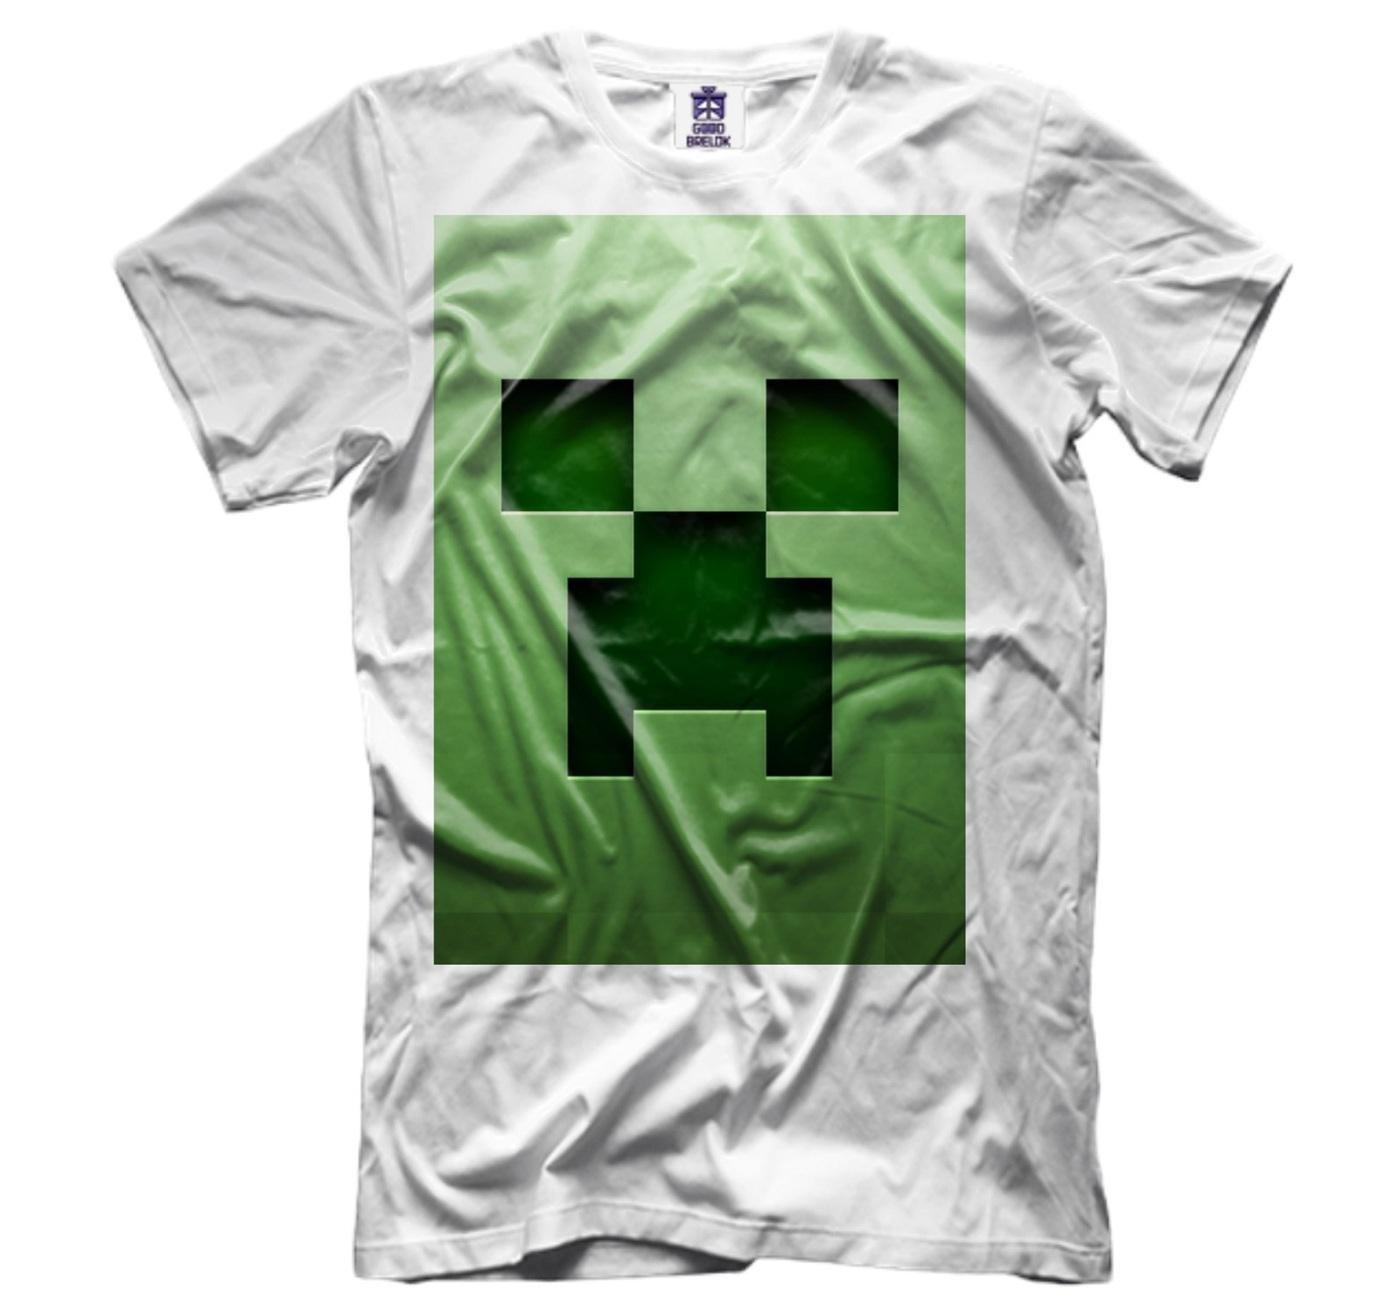 озон футболки с майнкрафт #5